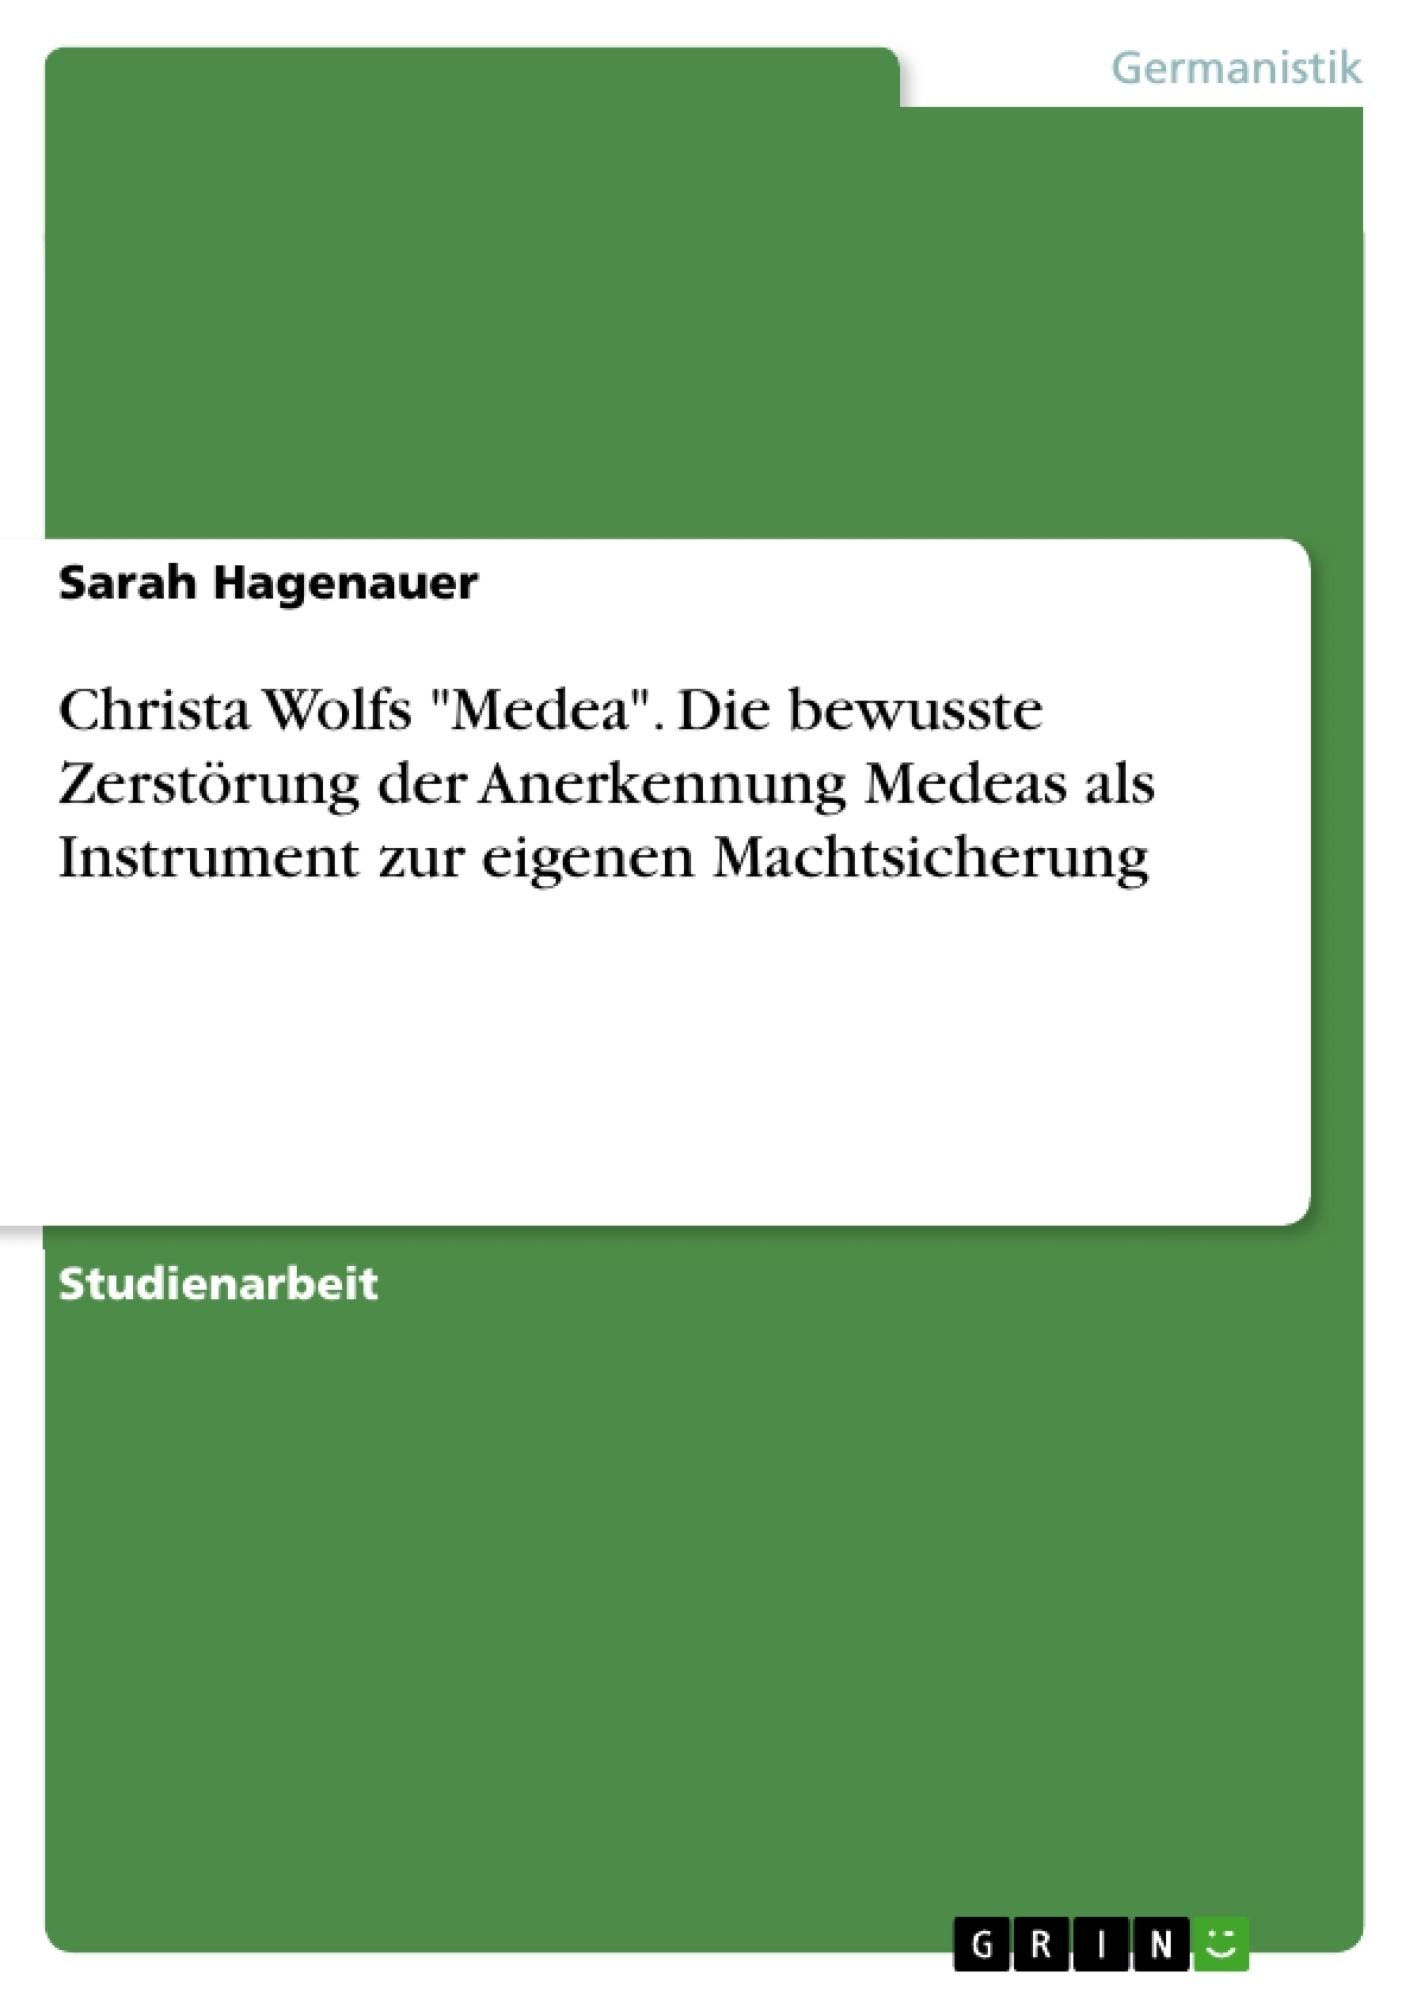 """Titel: Christa Wolfs """"Medea"""". Die bewusste Zerstörung der Anerkennung Medeas als Instrument zur eigenen Machtsicherung"""